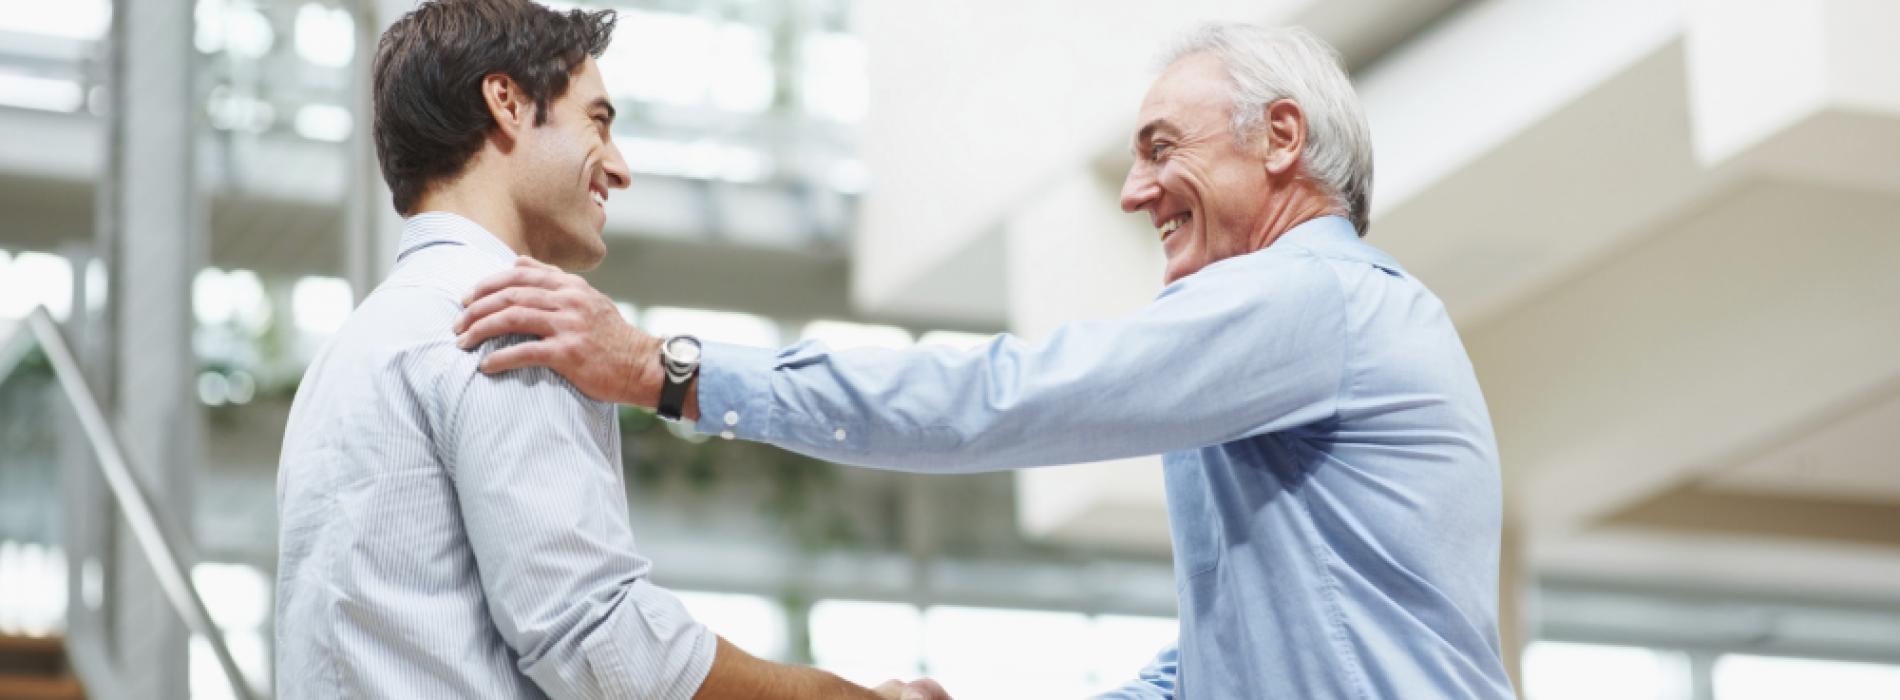 6 błędów motywacyjnych popełnianych przez pracodawców